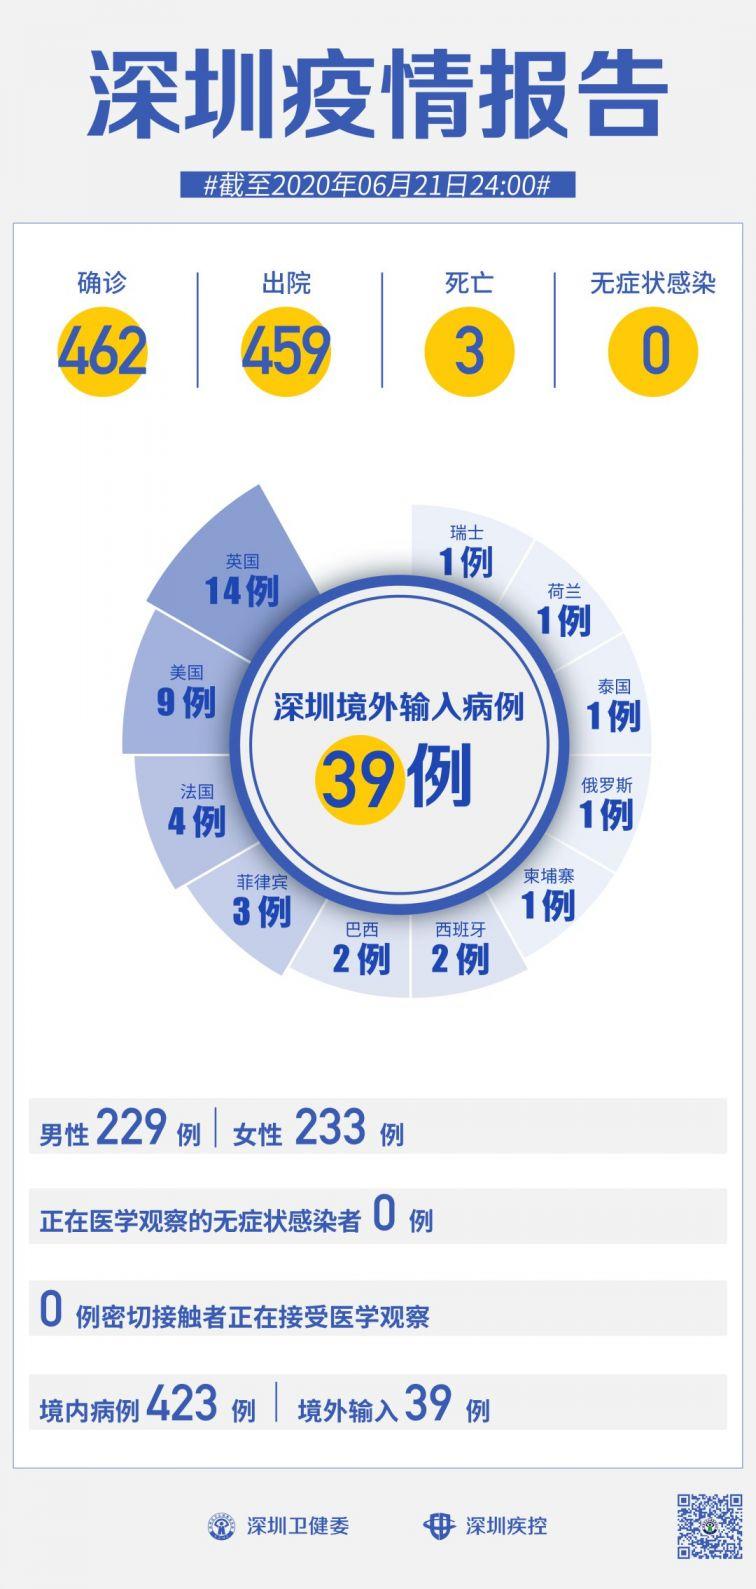 """6月22日深圳新冠疫情最新消息 连续52天""""0新增"""""""